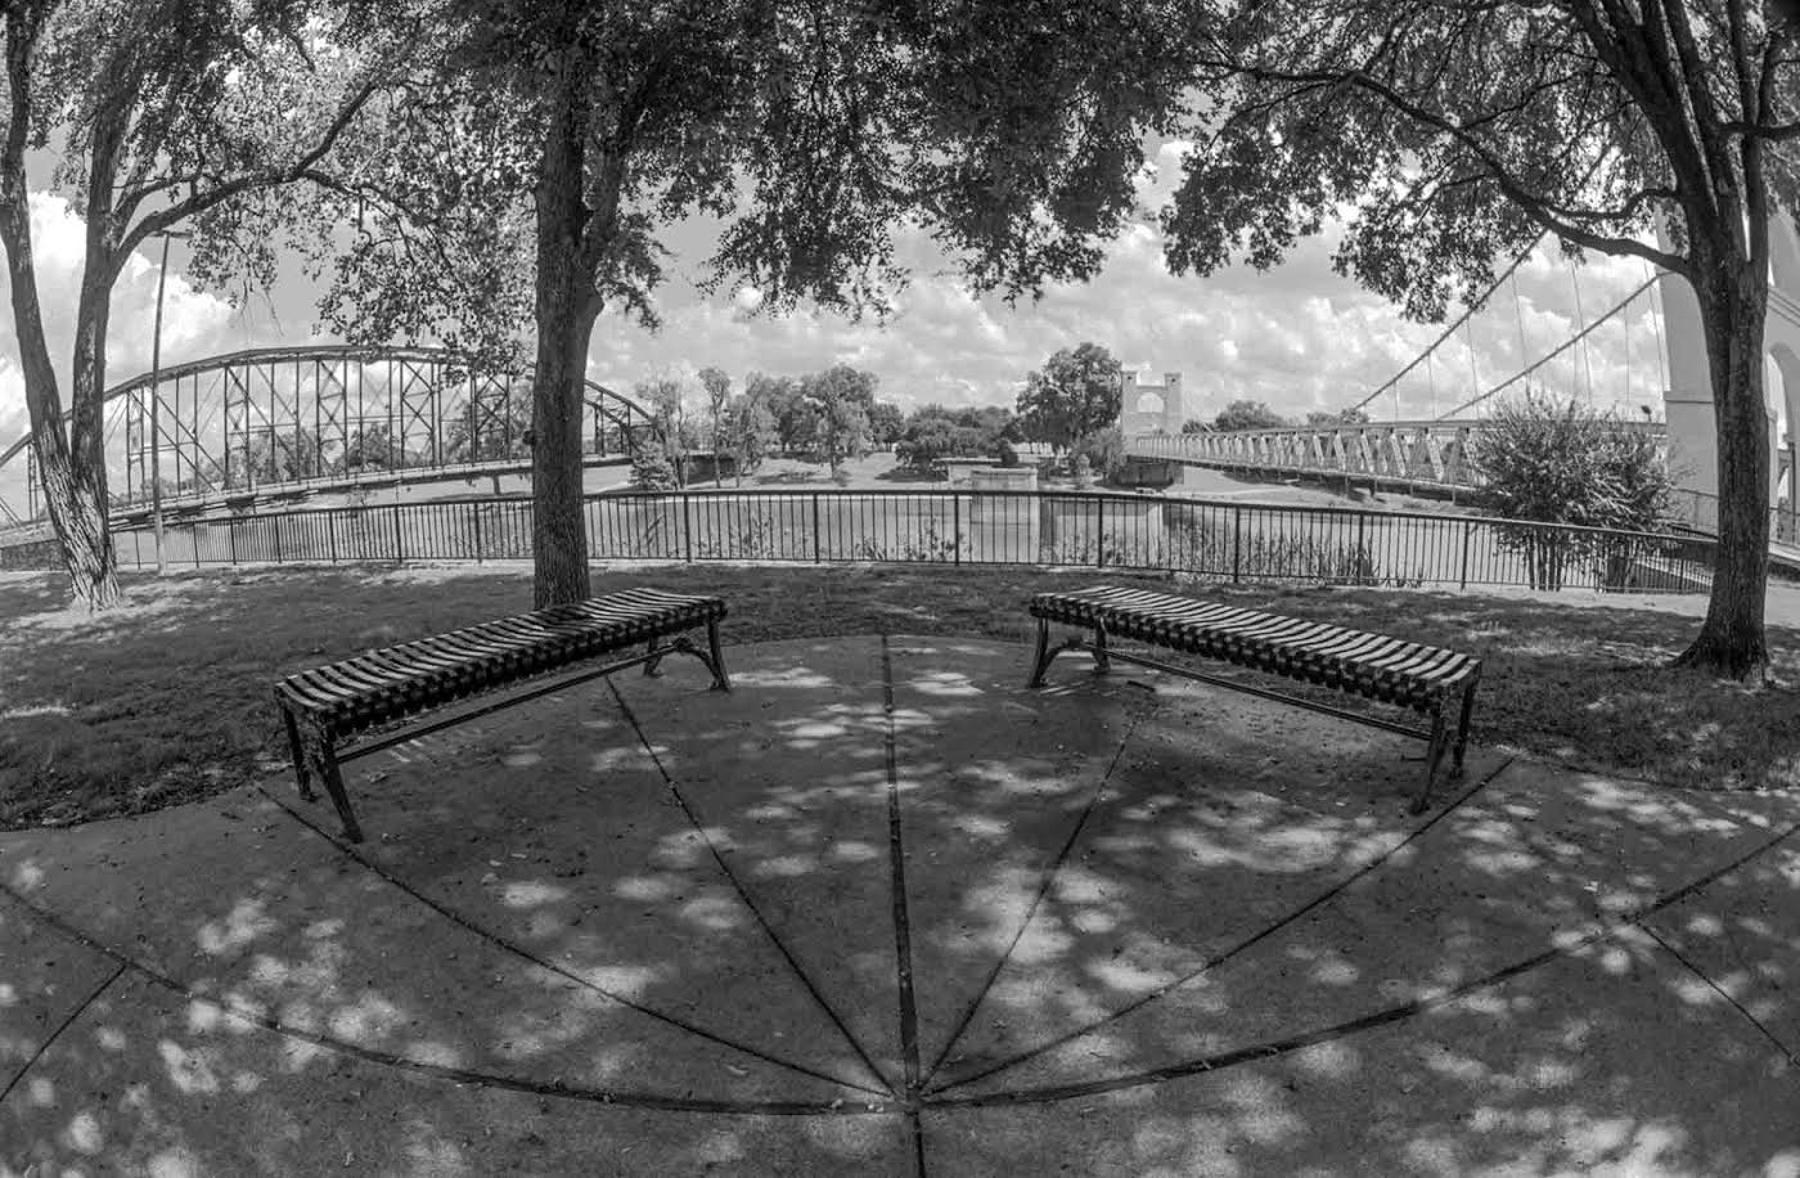 Bridges and Benches. Brazos River, Waco, Texas